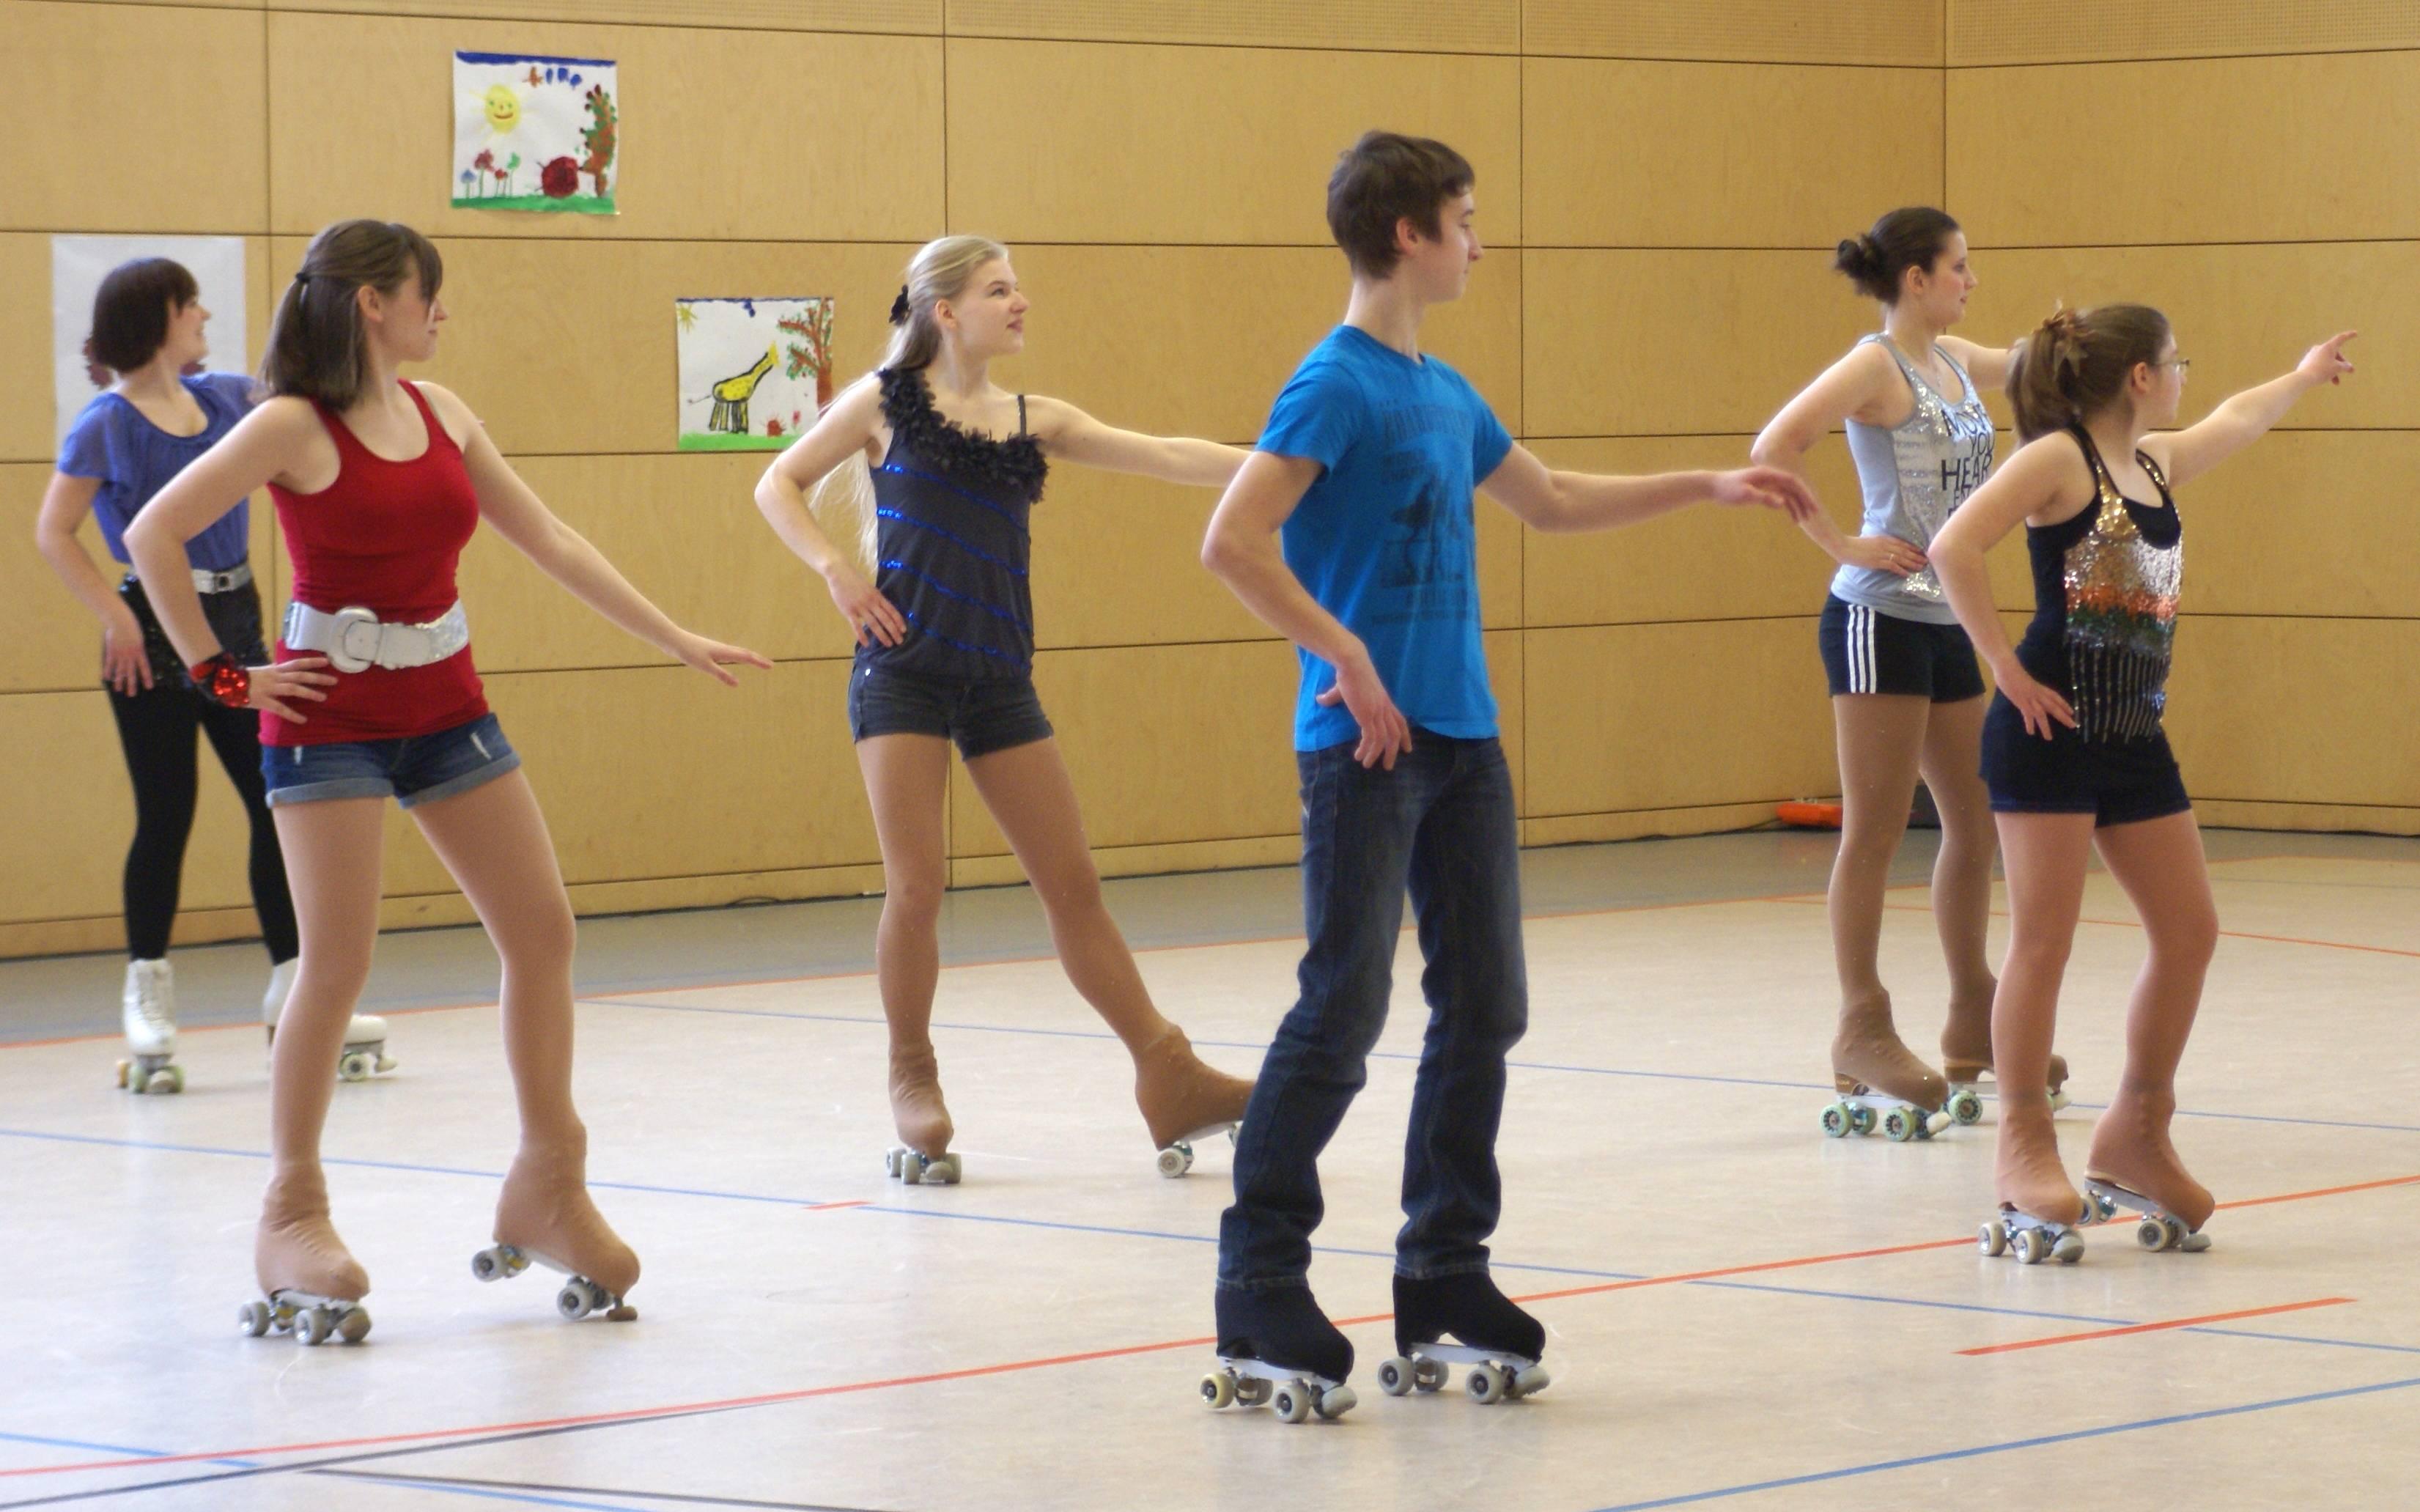 Tanzen nach heißen Rhythmen